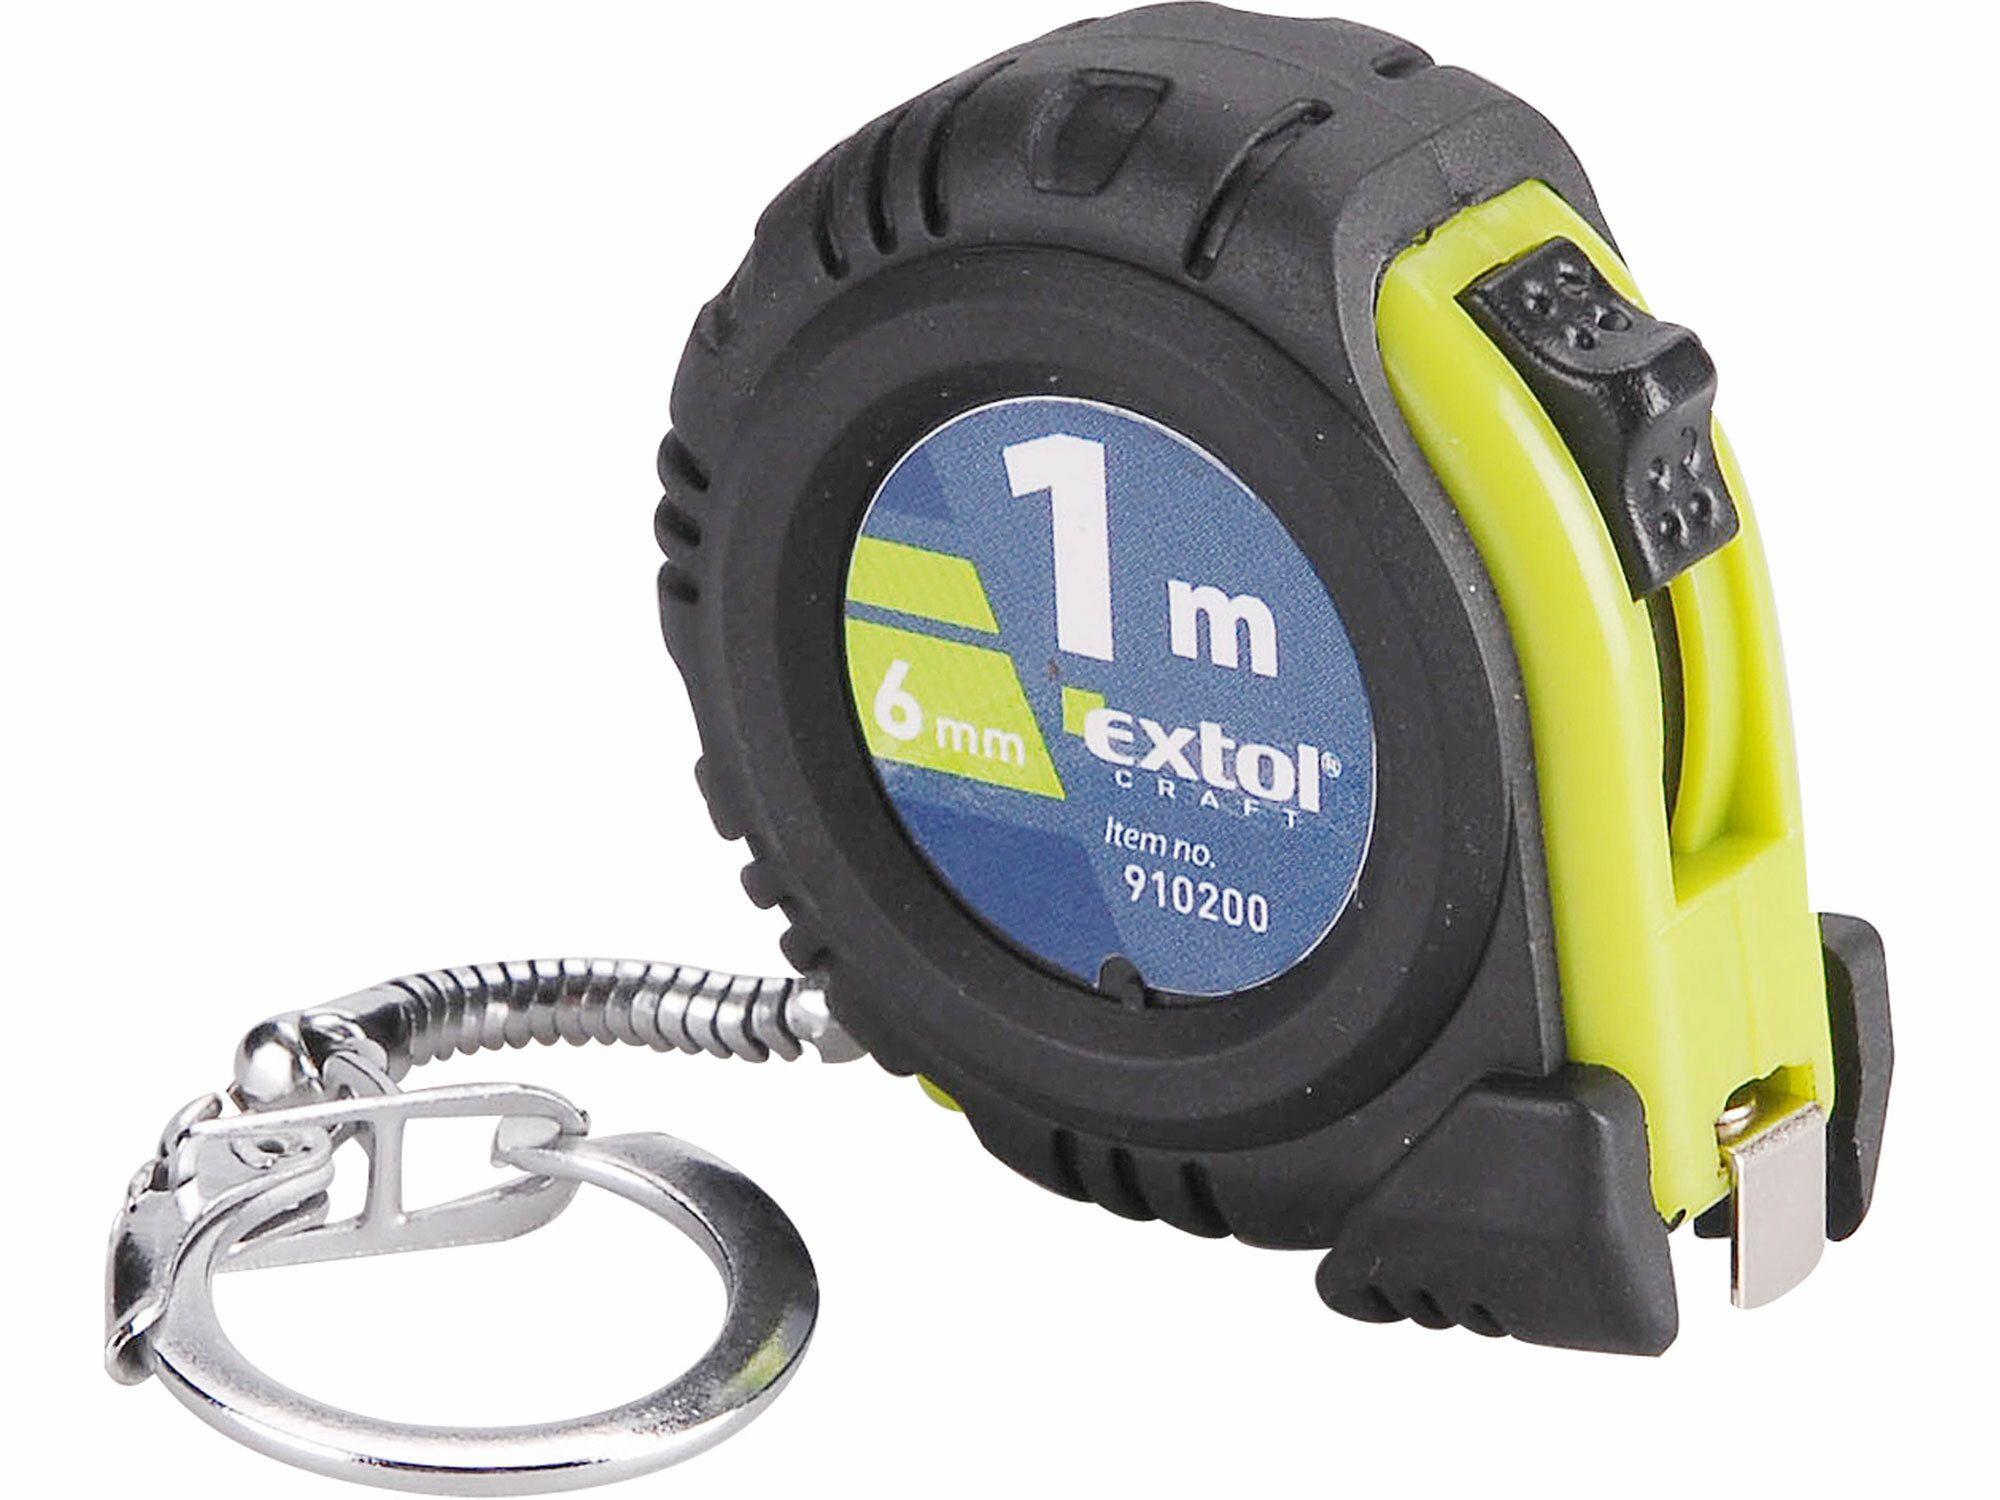 Metr svinovací přívěšek, 1m, š. pásku 6mm, tělo z kvalitního ABS plastu EXTOL-CRAFT